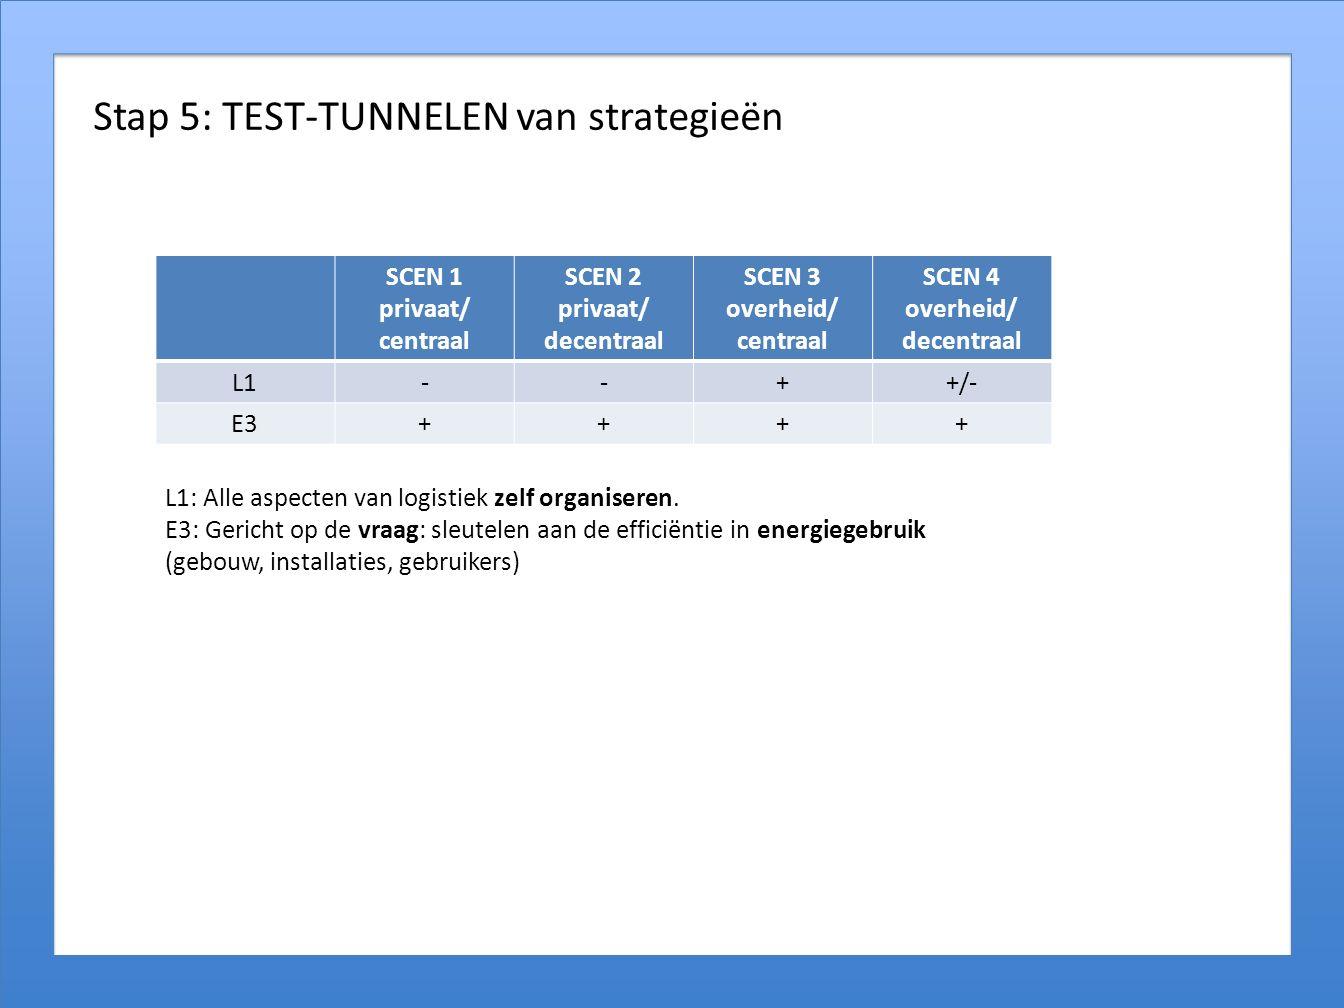 Stap 5: TEST-TUNNELEN van strategieën SCEN 1 privaat/ centraal SCEN 2 privaat/ decentraal SCEN 3 overheid/ centraal SCEN 4 overheid/ decentraal L1--++/- E3++++ L1: Alle aspecten van logistiek zelf organiseren.